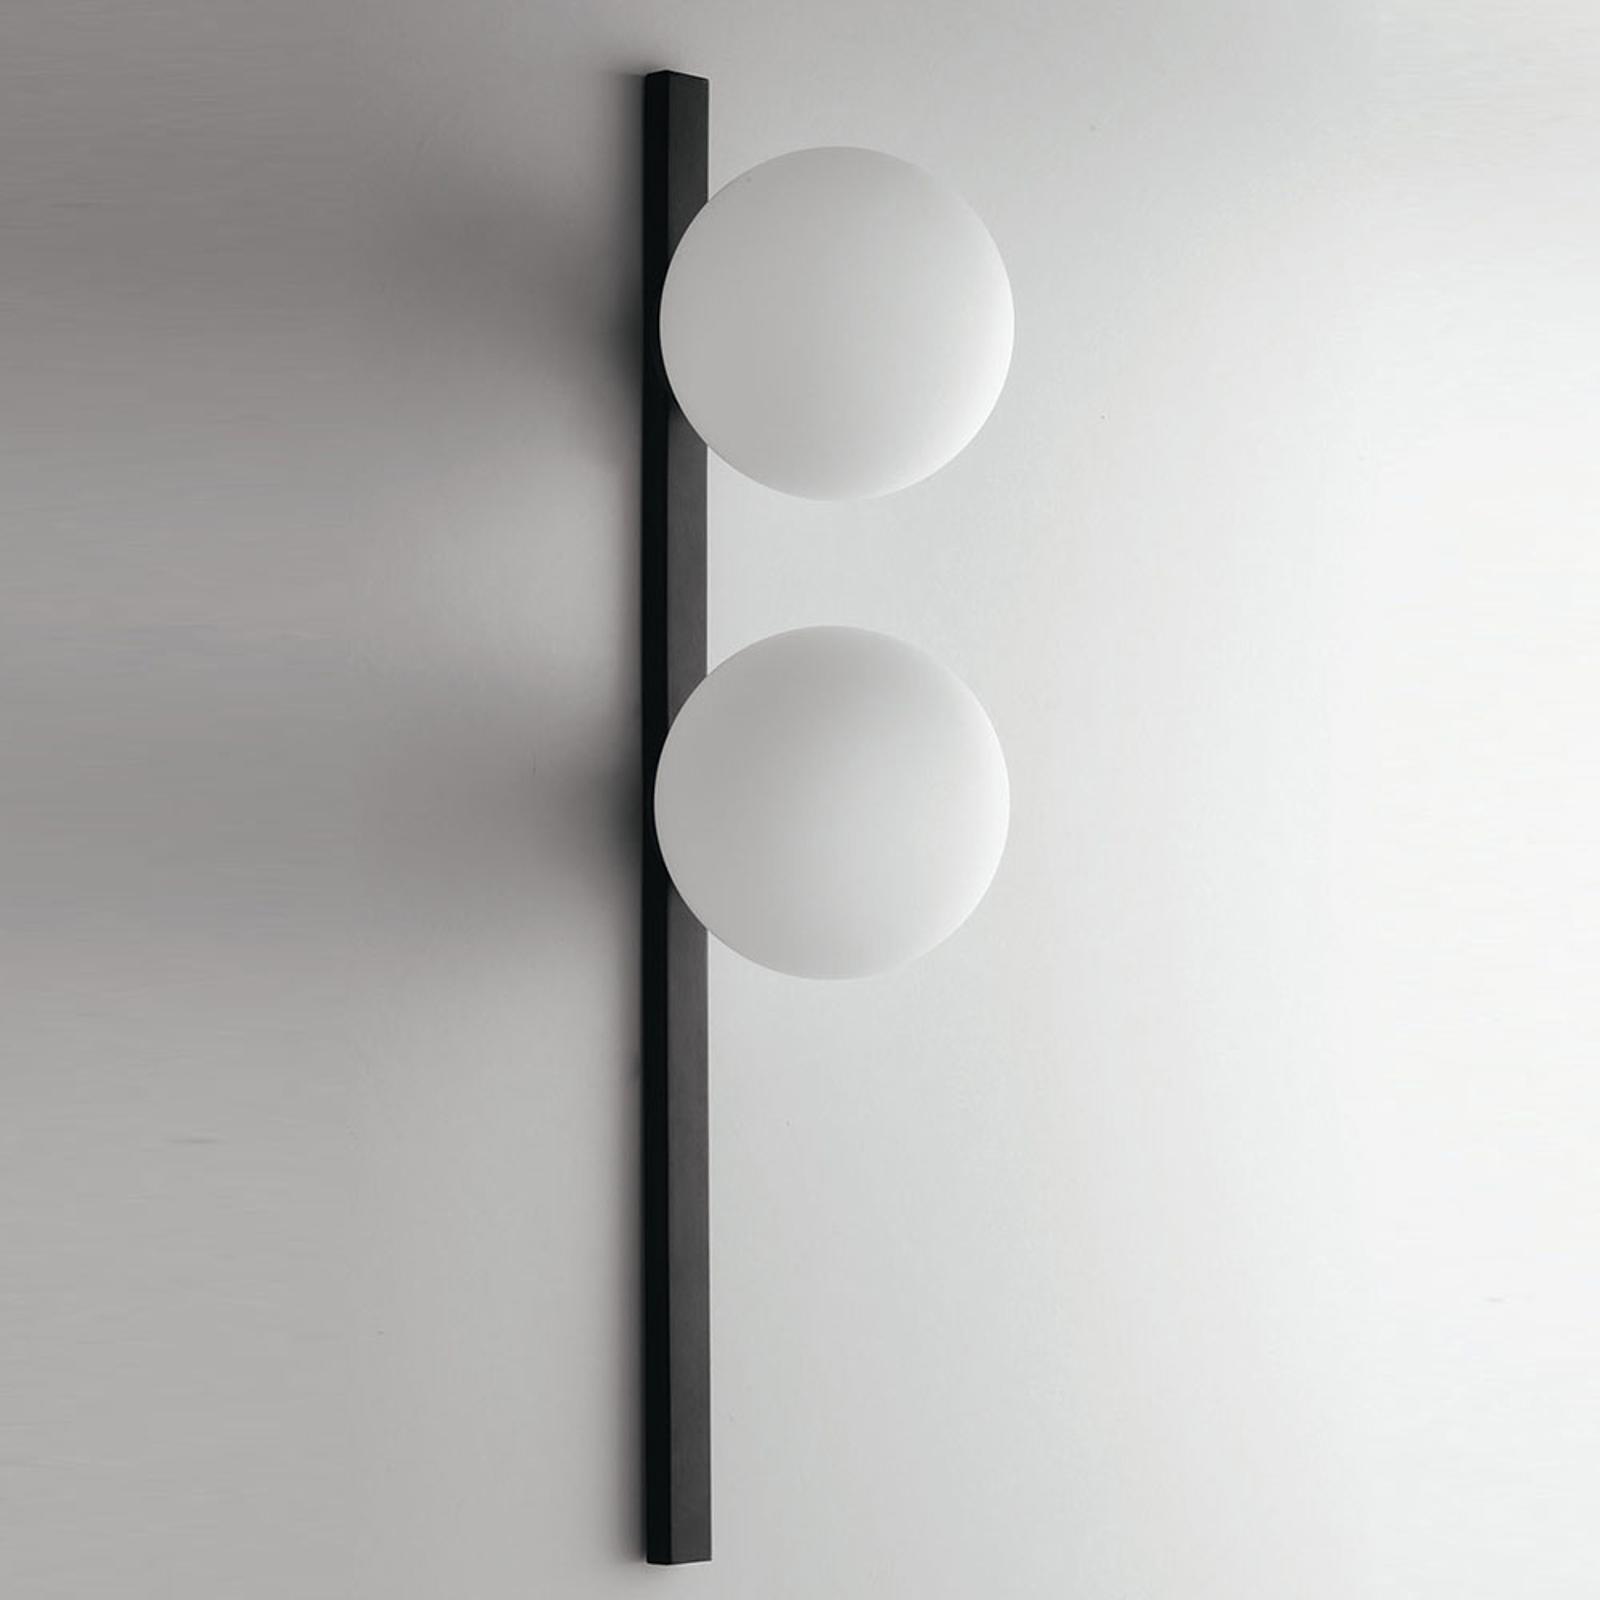 Kinkiet Enoire czarno-biały, 2-punktowy